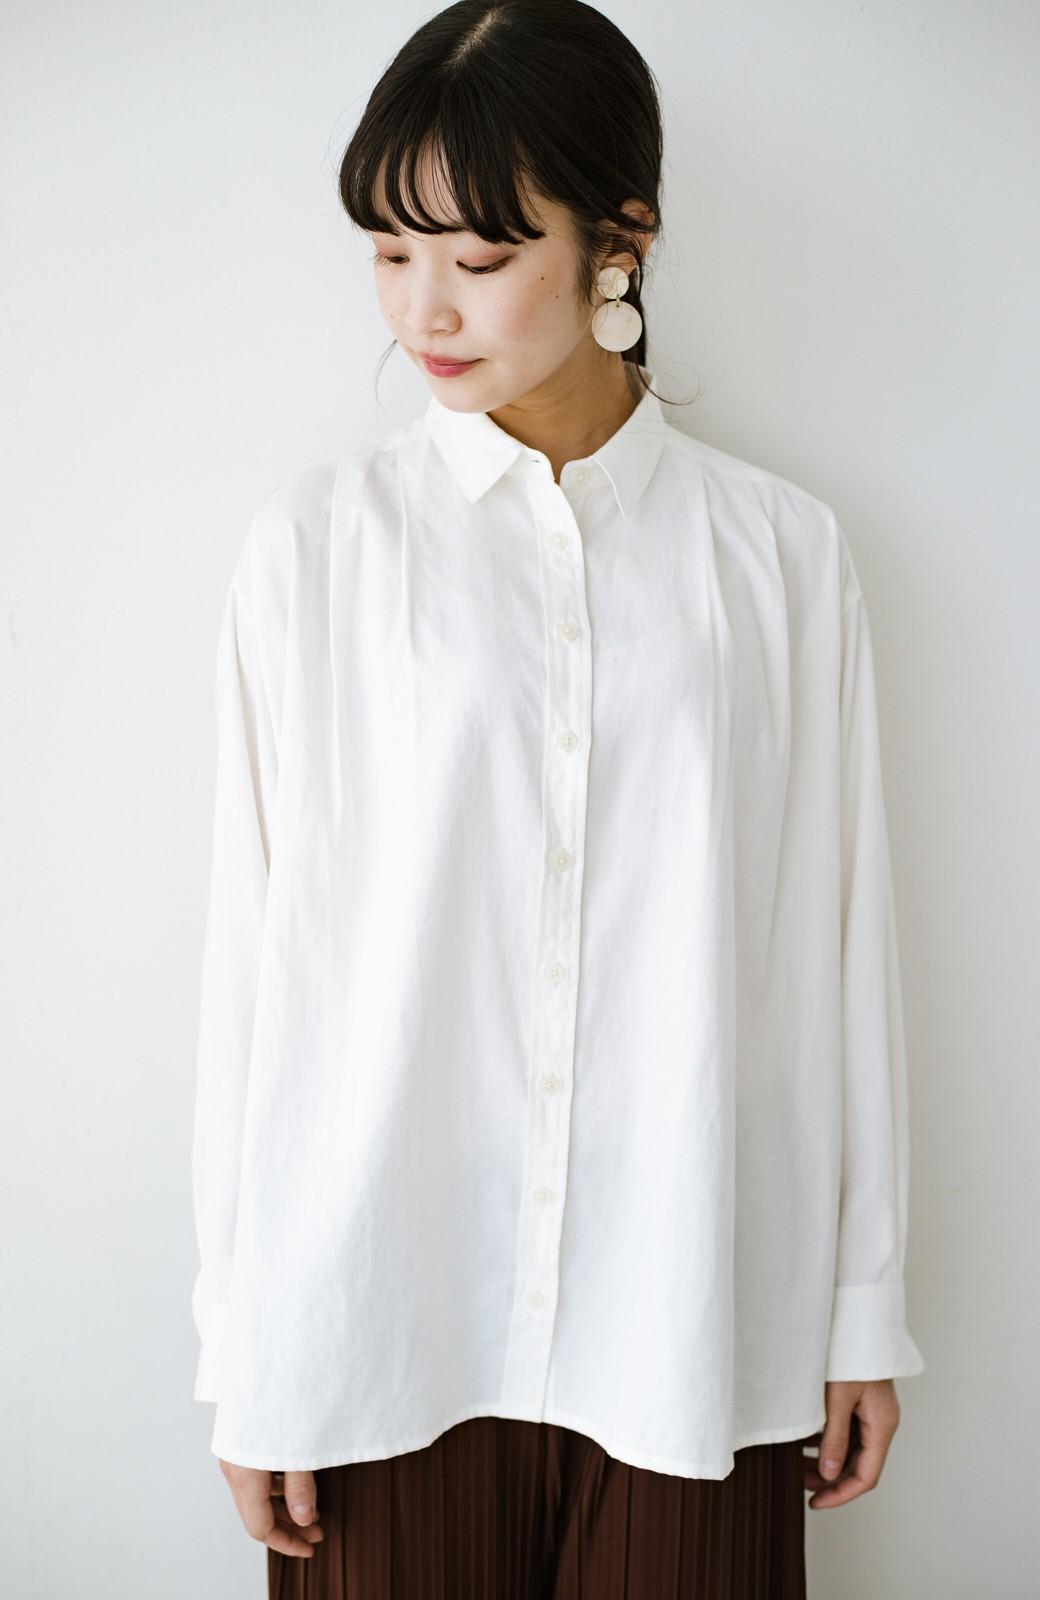 haco! ニットとのこなれた重ね着が簡単にできる!なめらか素材でつくった大人のためのシンプルシャツ <ホワイト>の商品写真17